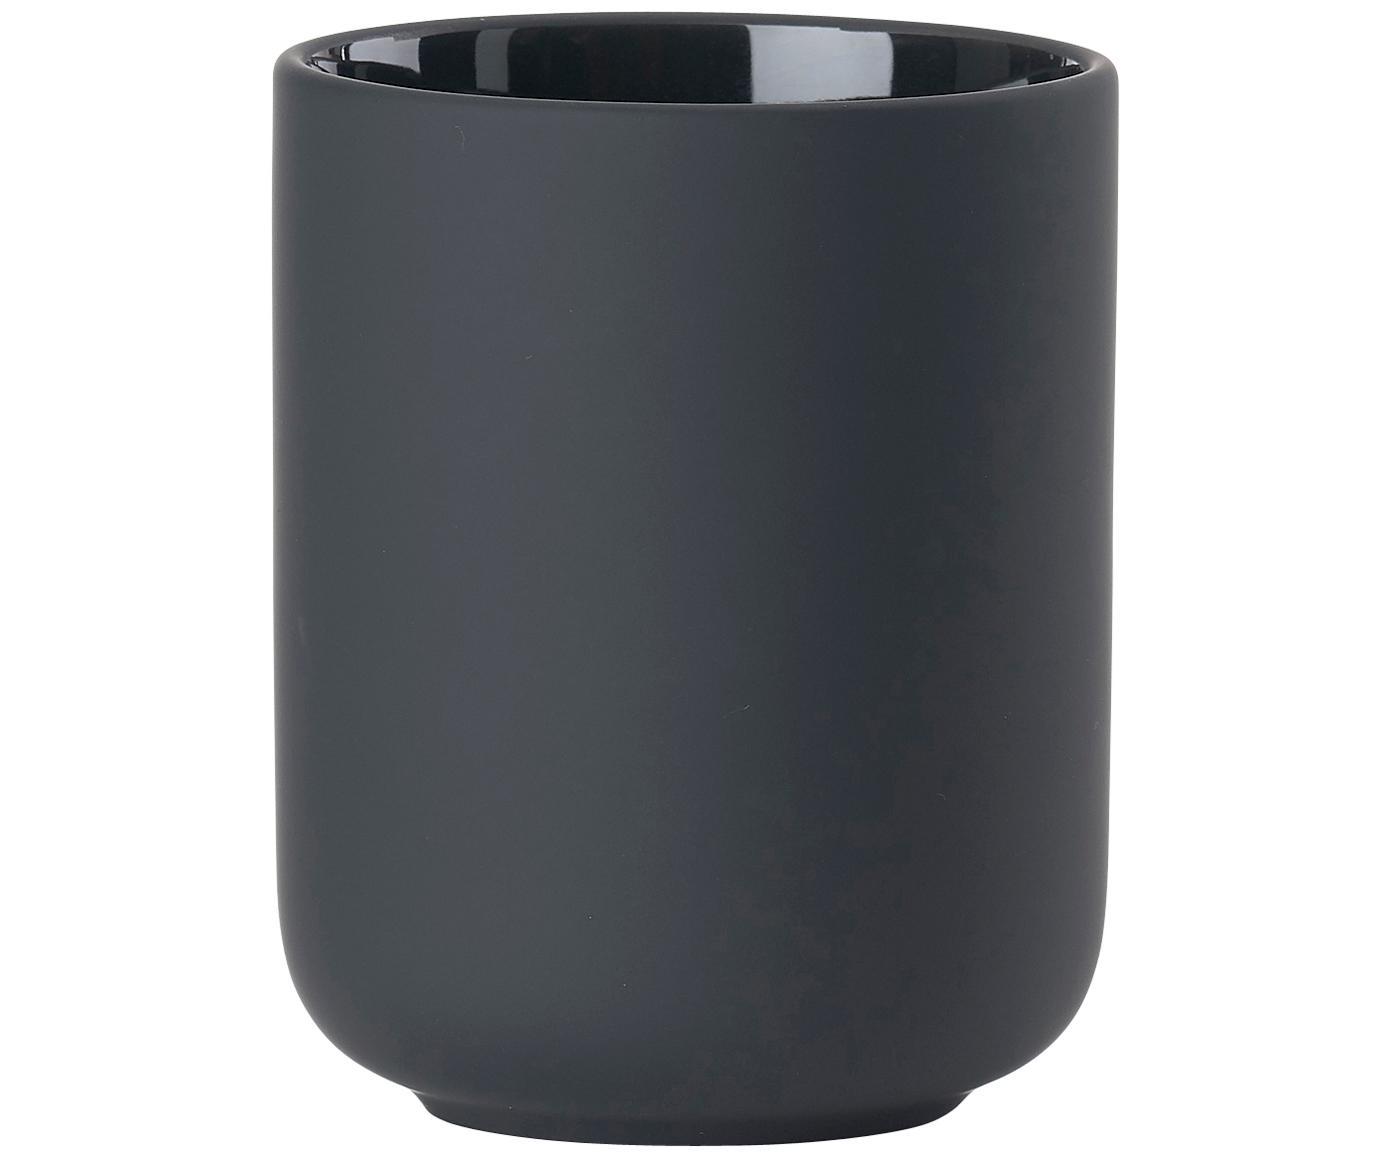 Kubek na szczoteczki z kamionki Omega, Ceramika pokryta miękką w dotyku powłoką (tworzywo sztuczne), Czarny, matowy, Ø 8 x W 10 cm